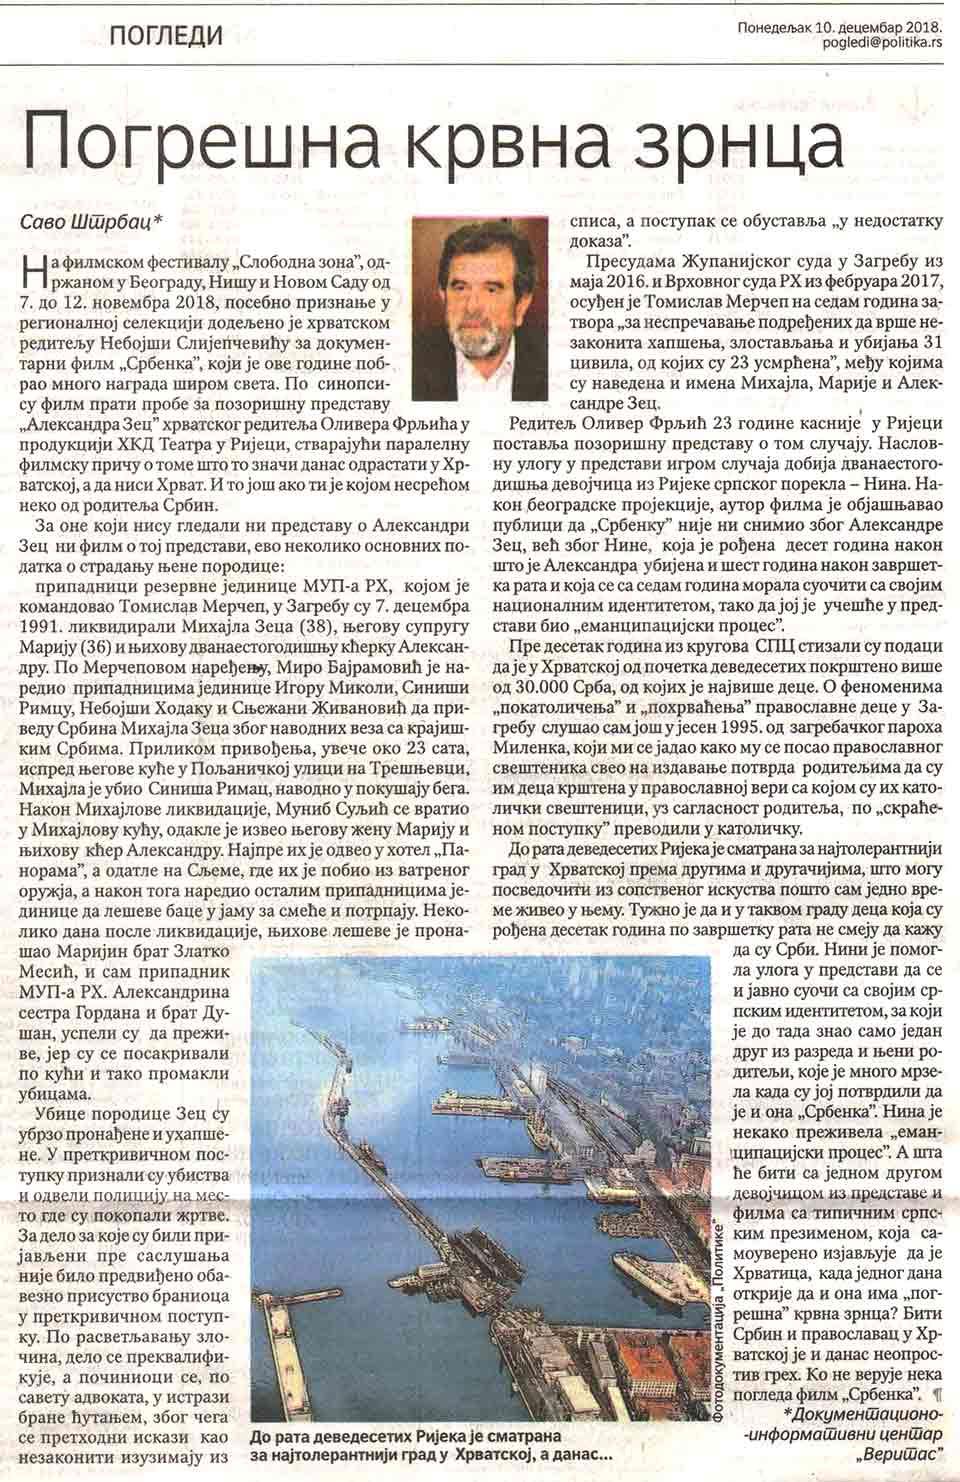 Savo Štrbac: POGREŠNA KRVNA ZRNCA, Politika, 10.12.2018. Foto: Scan